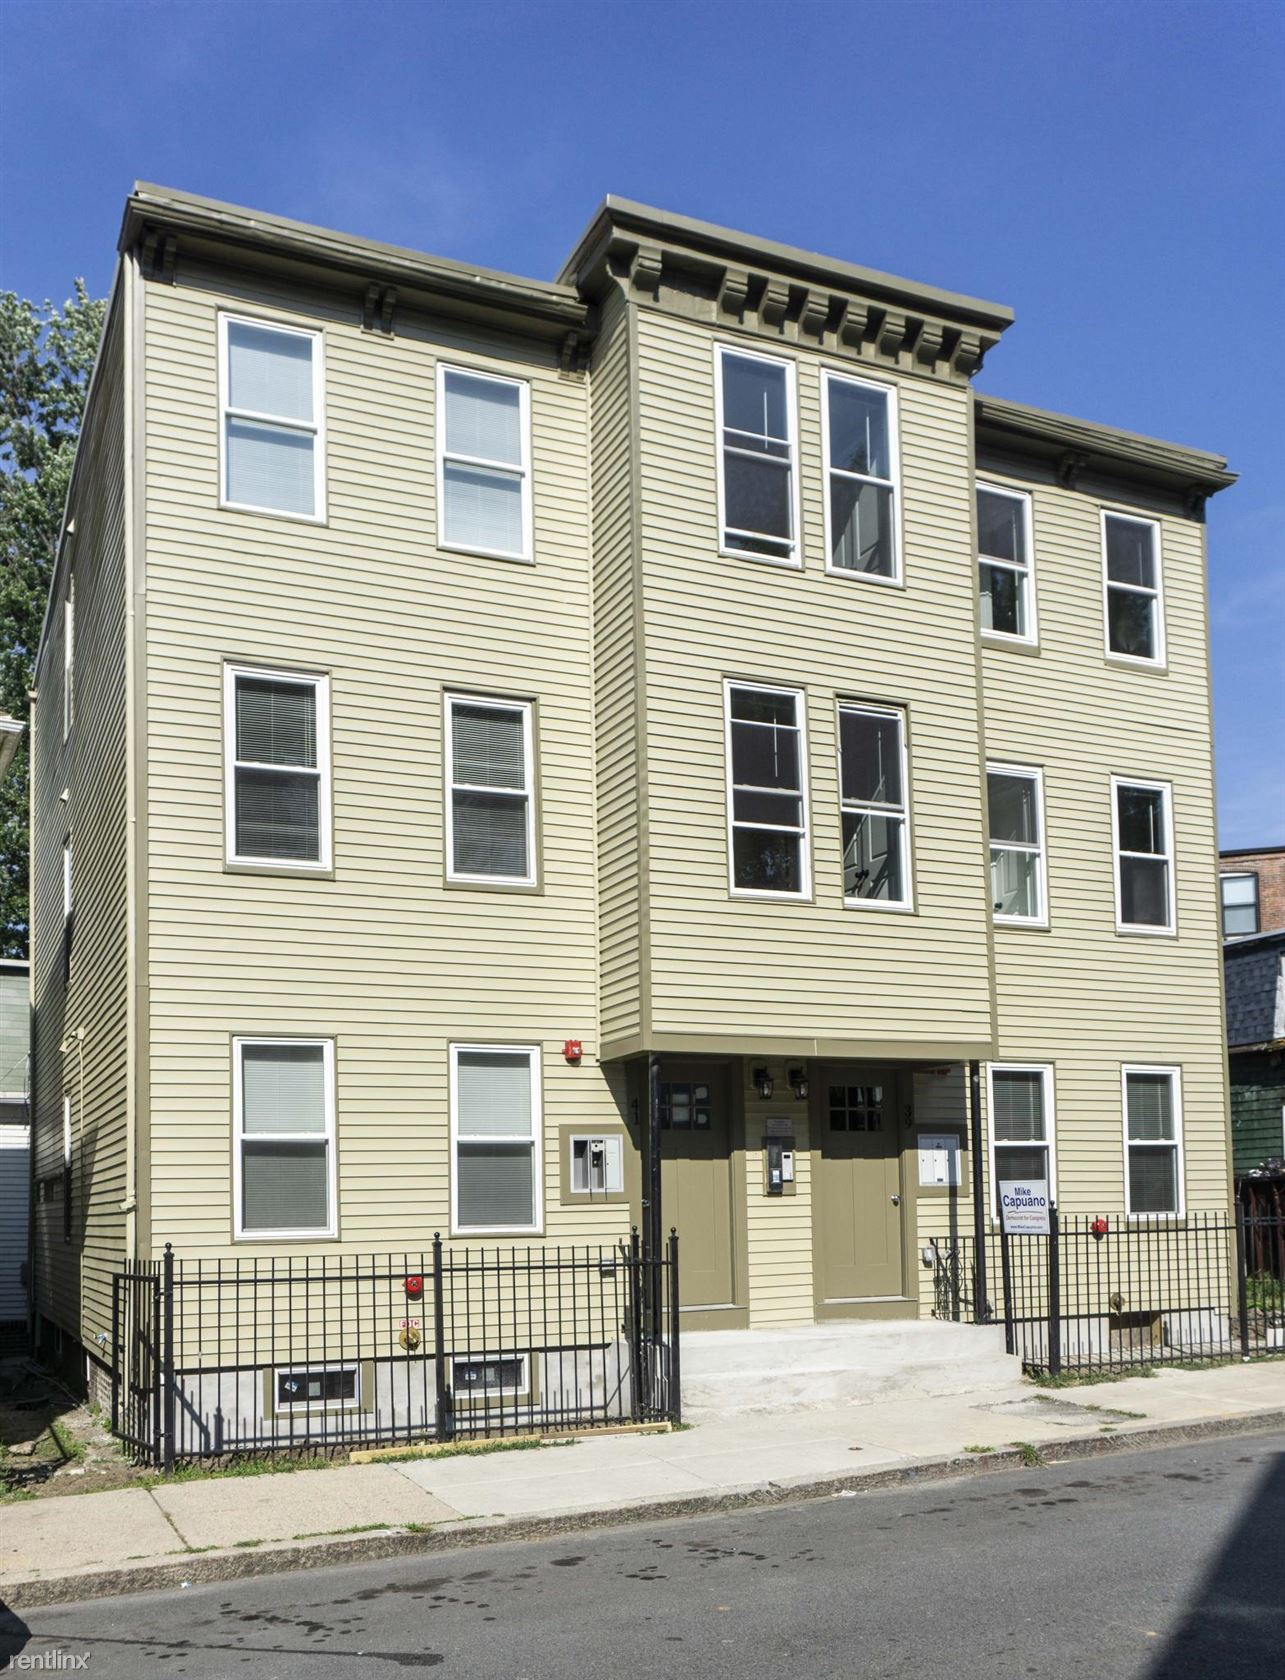 39 W Walnut Park Apt 2, Roxbury, MA - $2,700 USD/ month